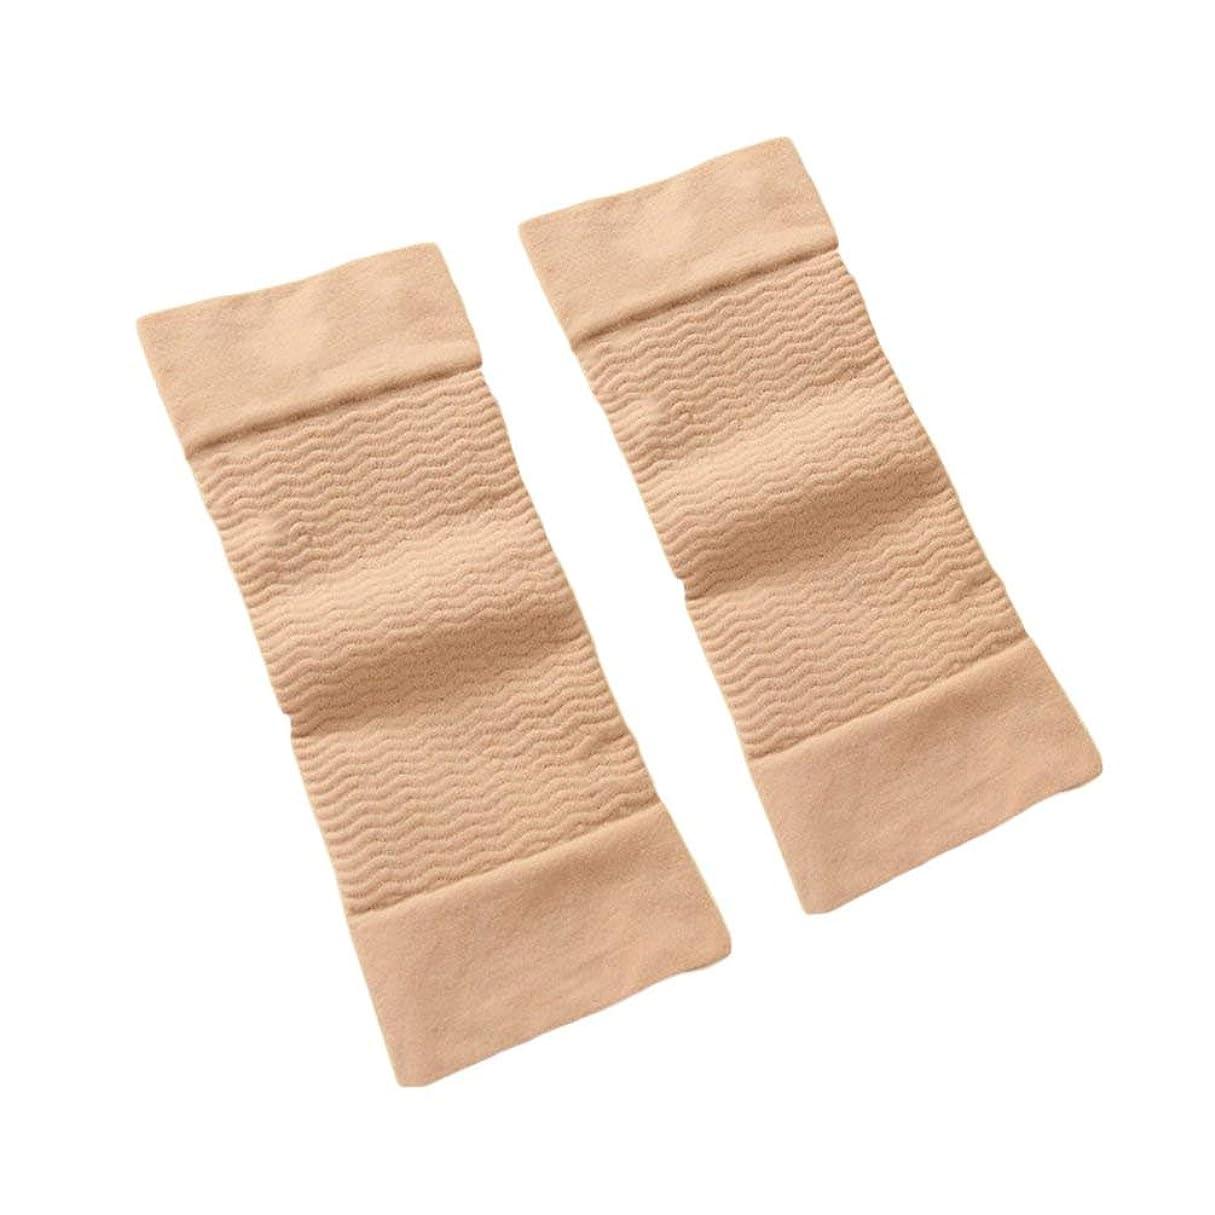 鎖重量なぞらえる1ペア420 D圧縮痩身アームスリーブワークアウトトーニングバーンセルライトシェイパー脂肪燃焼袖用女性 - 肌色